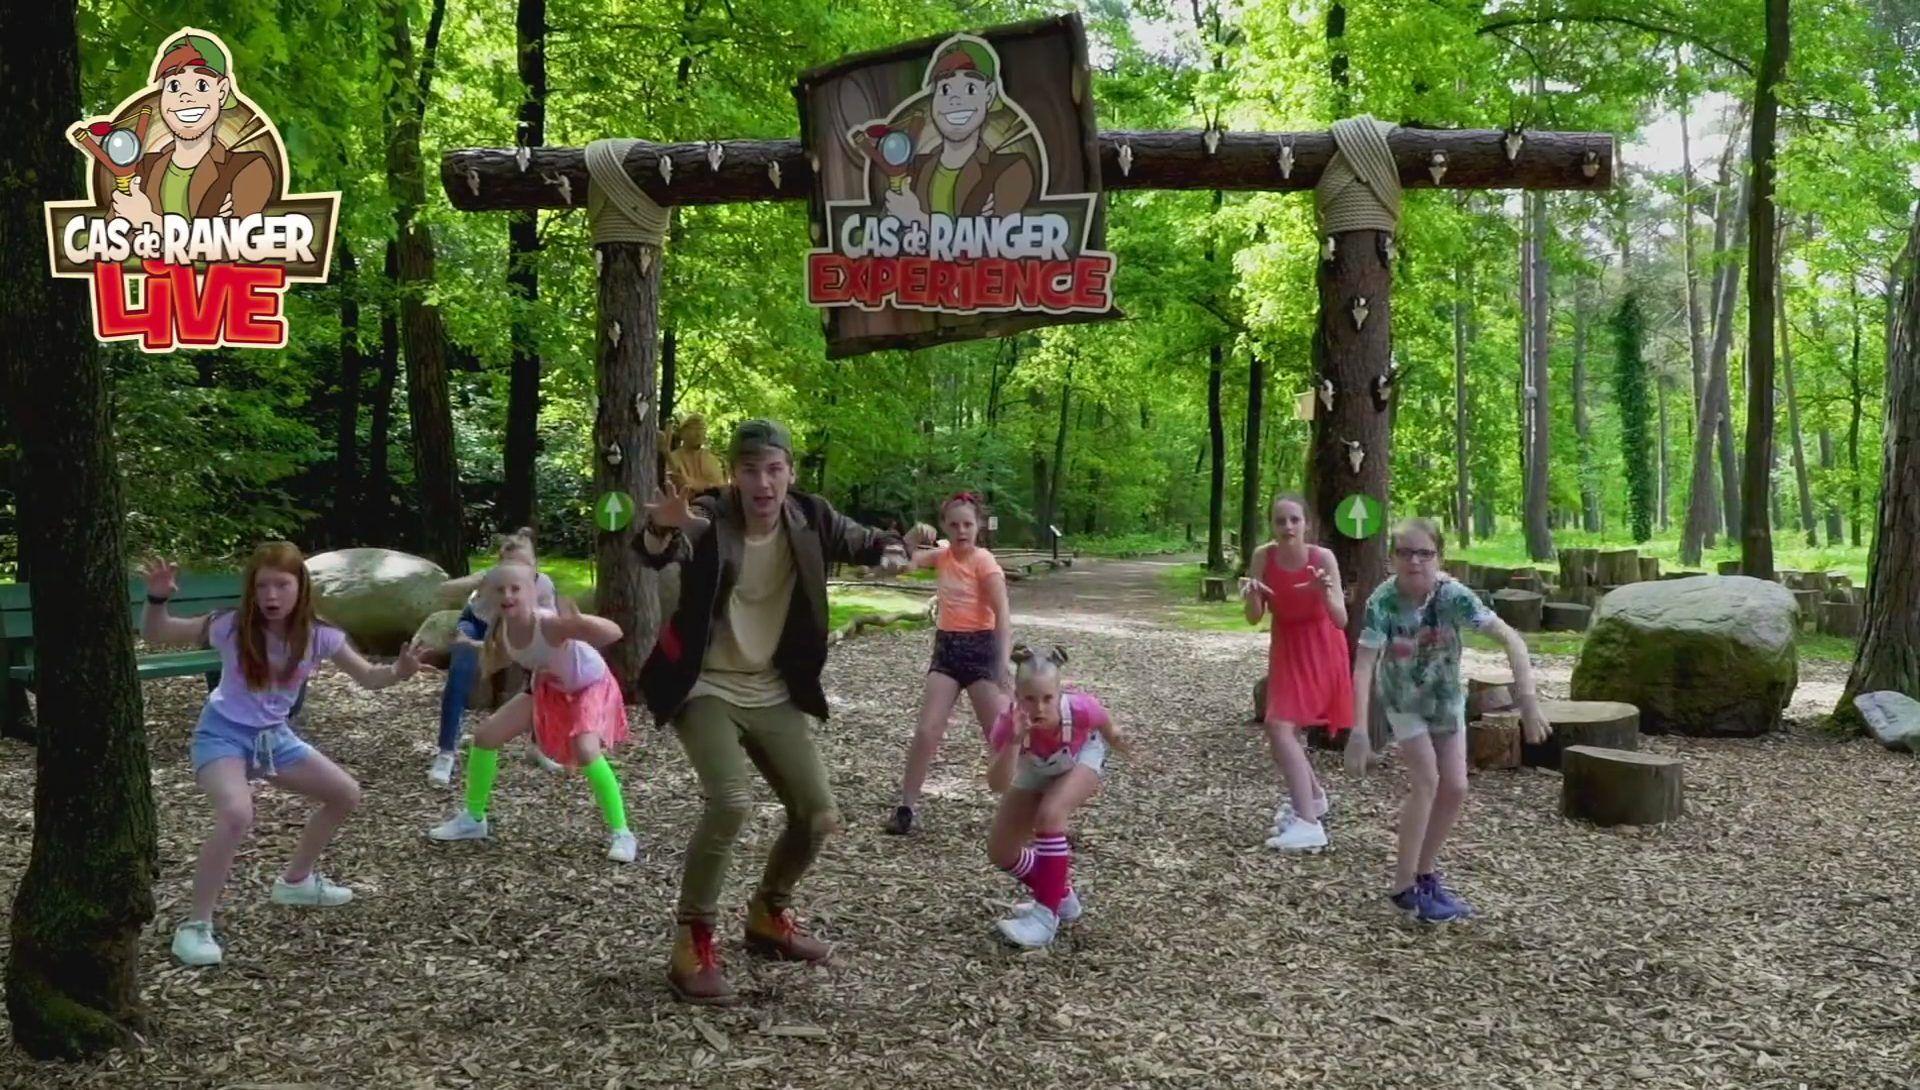 Superleuke Lenteweken Kinderpretpark Julianatoren Cas de Ranger 4